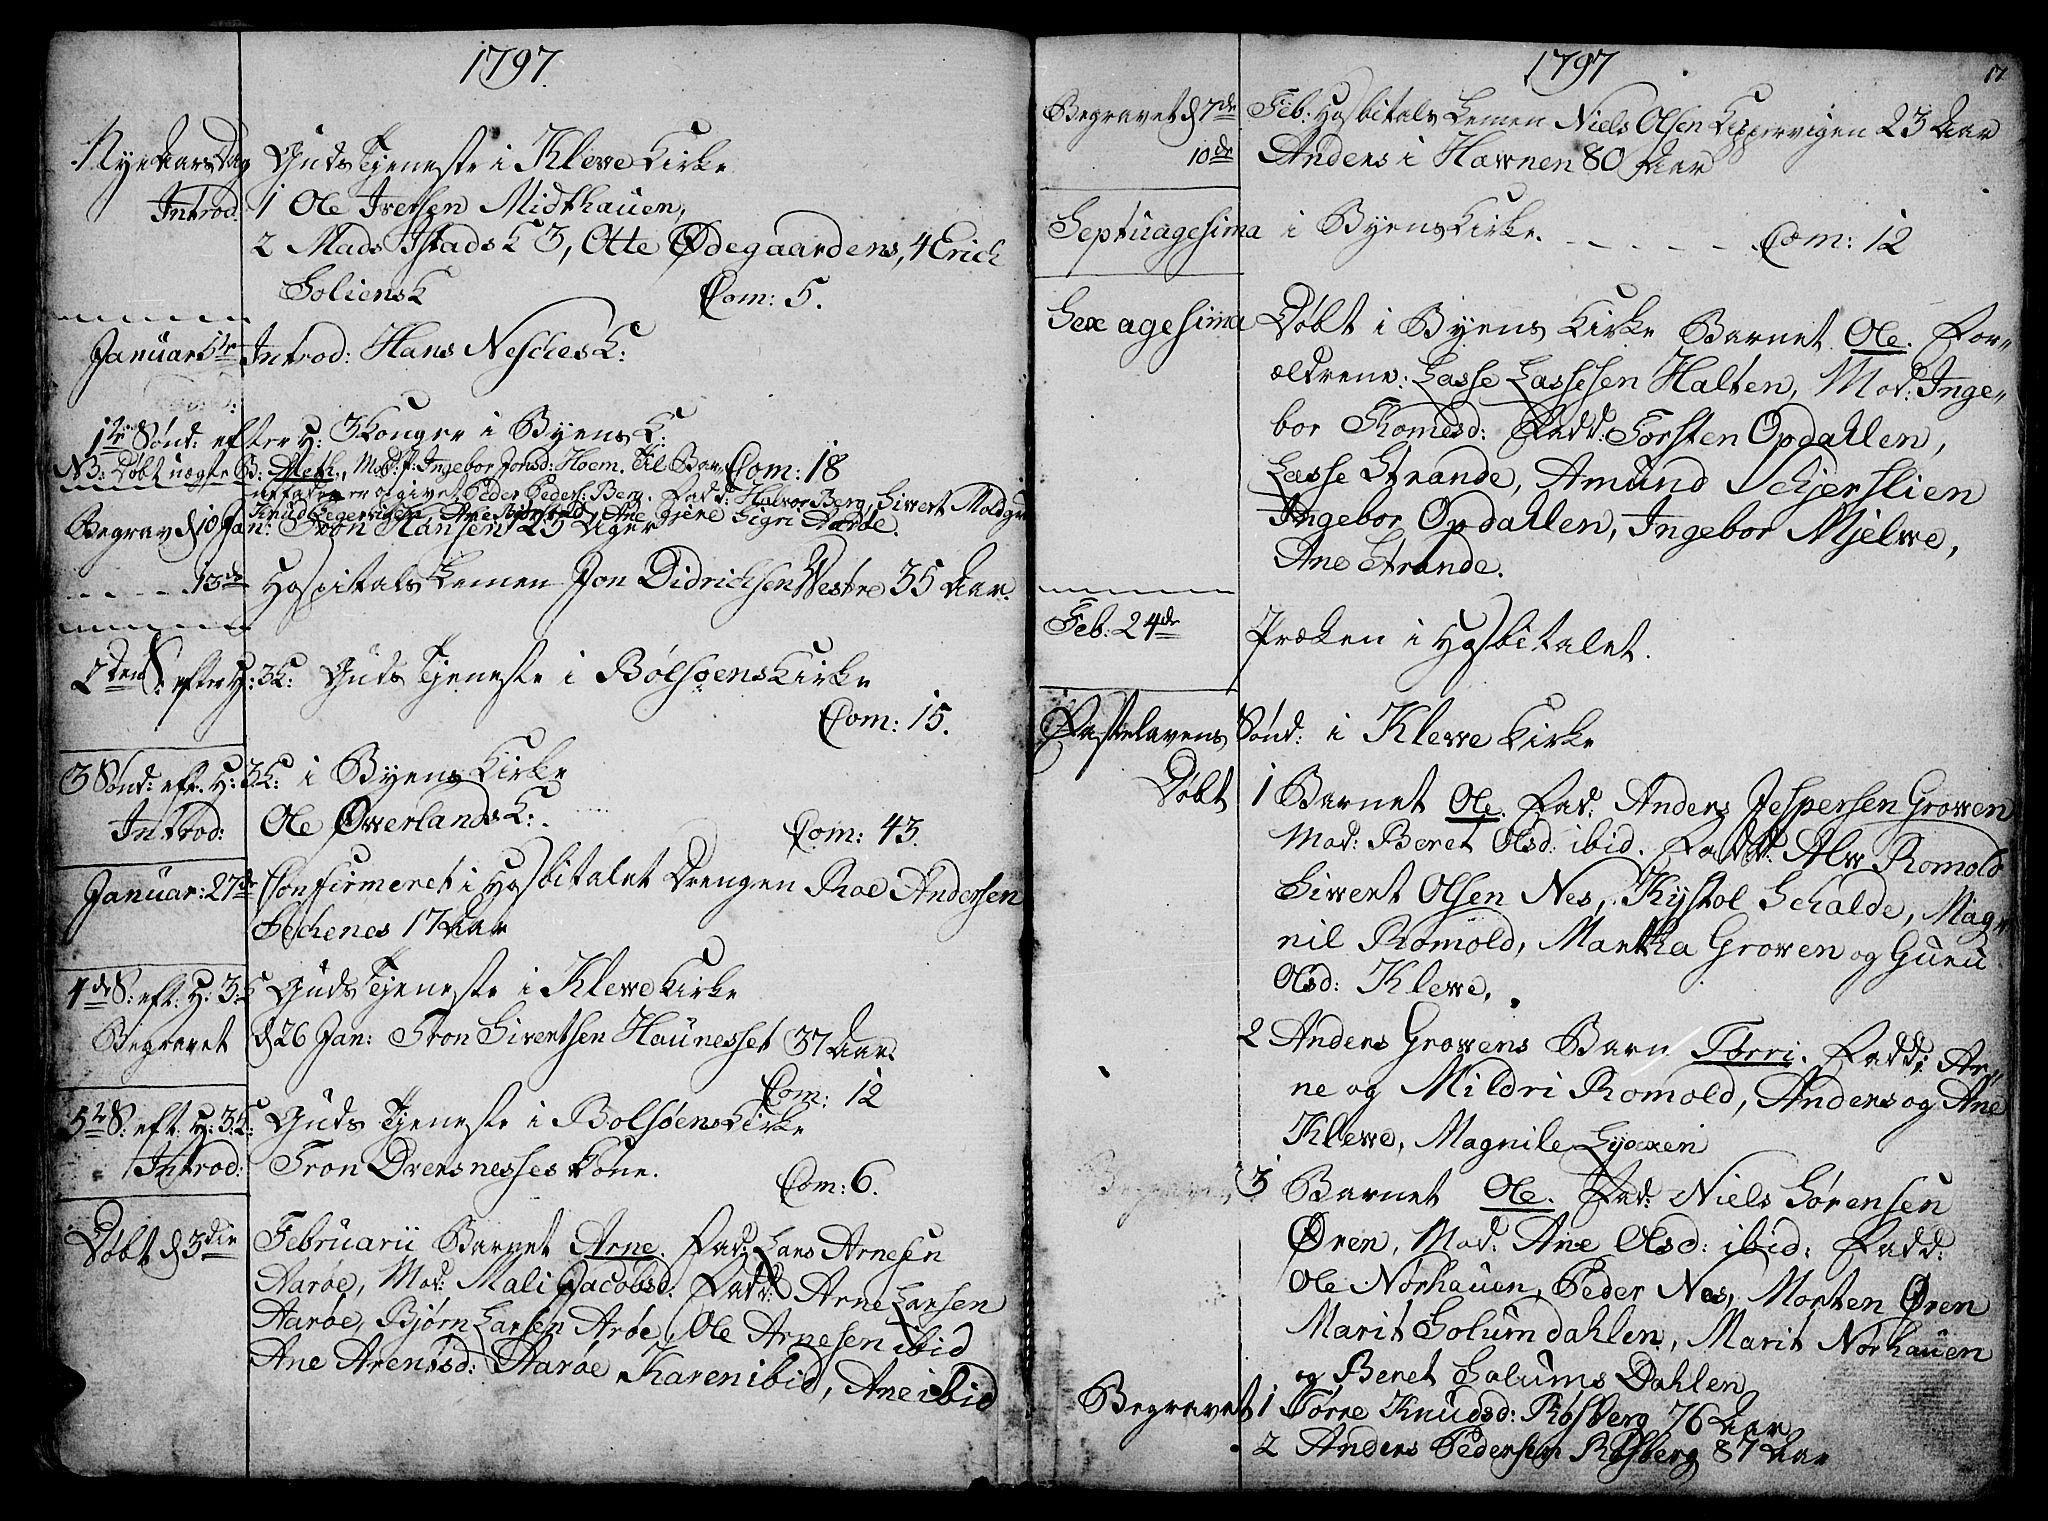 SAT, Ministerialprotokoller, klokkerbøker og fødselsregistre - Møre og Romsdal, 555/L0649: Ministerialbok nr. 555A02 /1, 1795-1821, s. 17